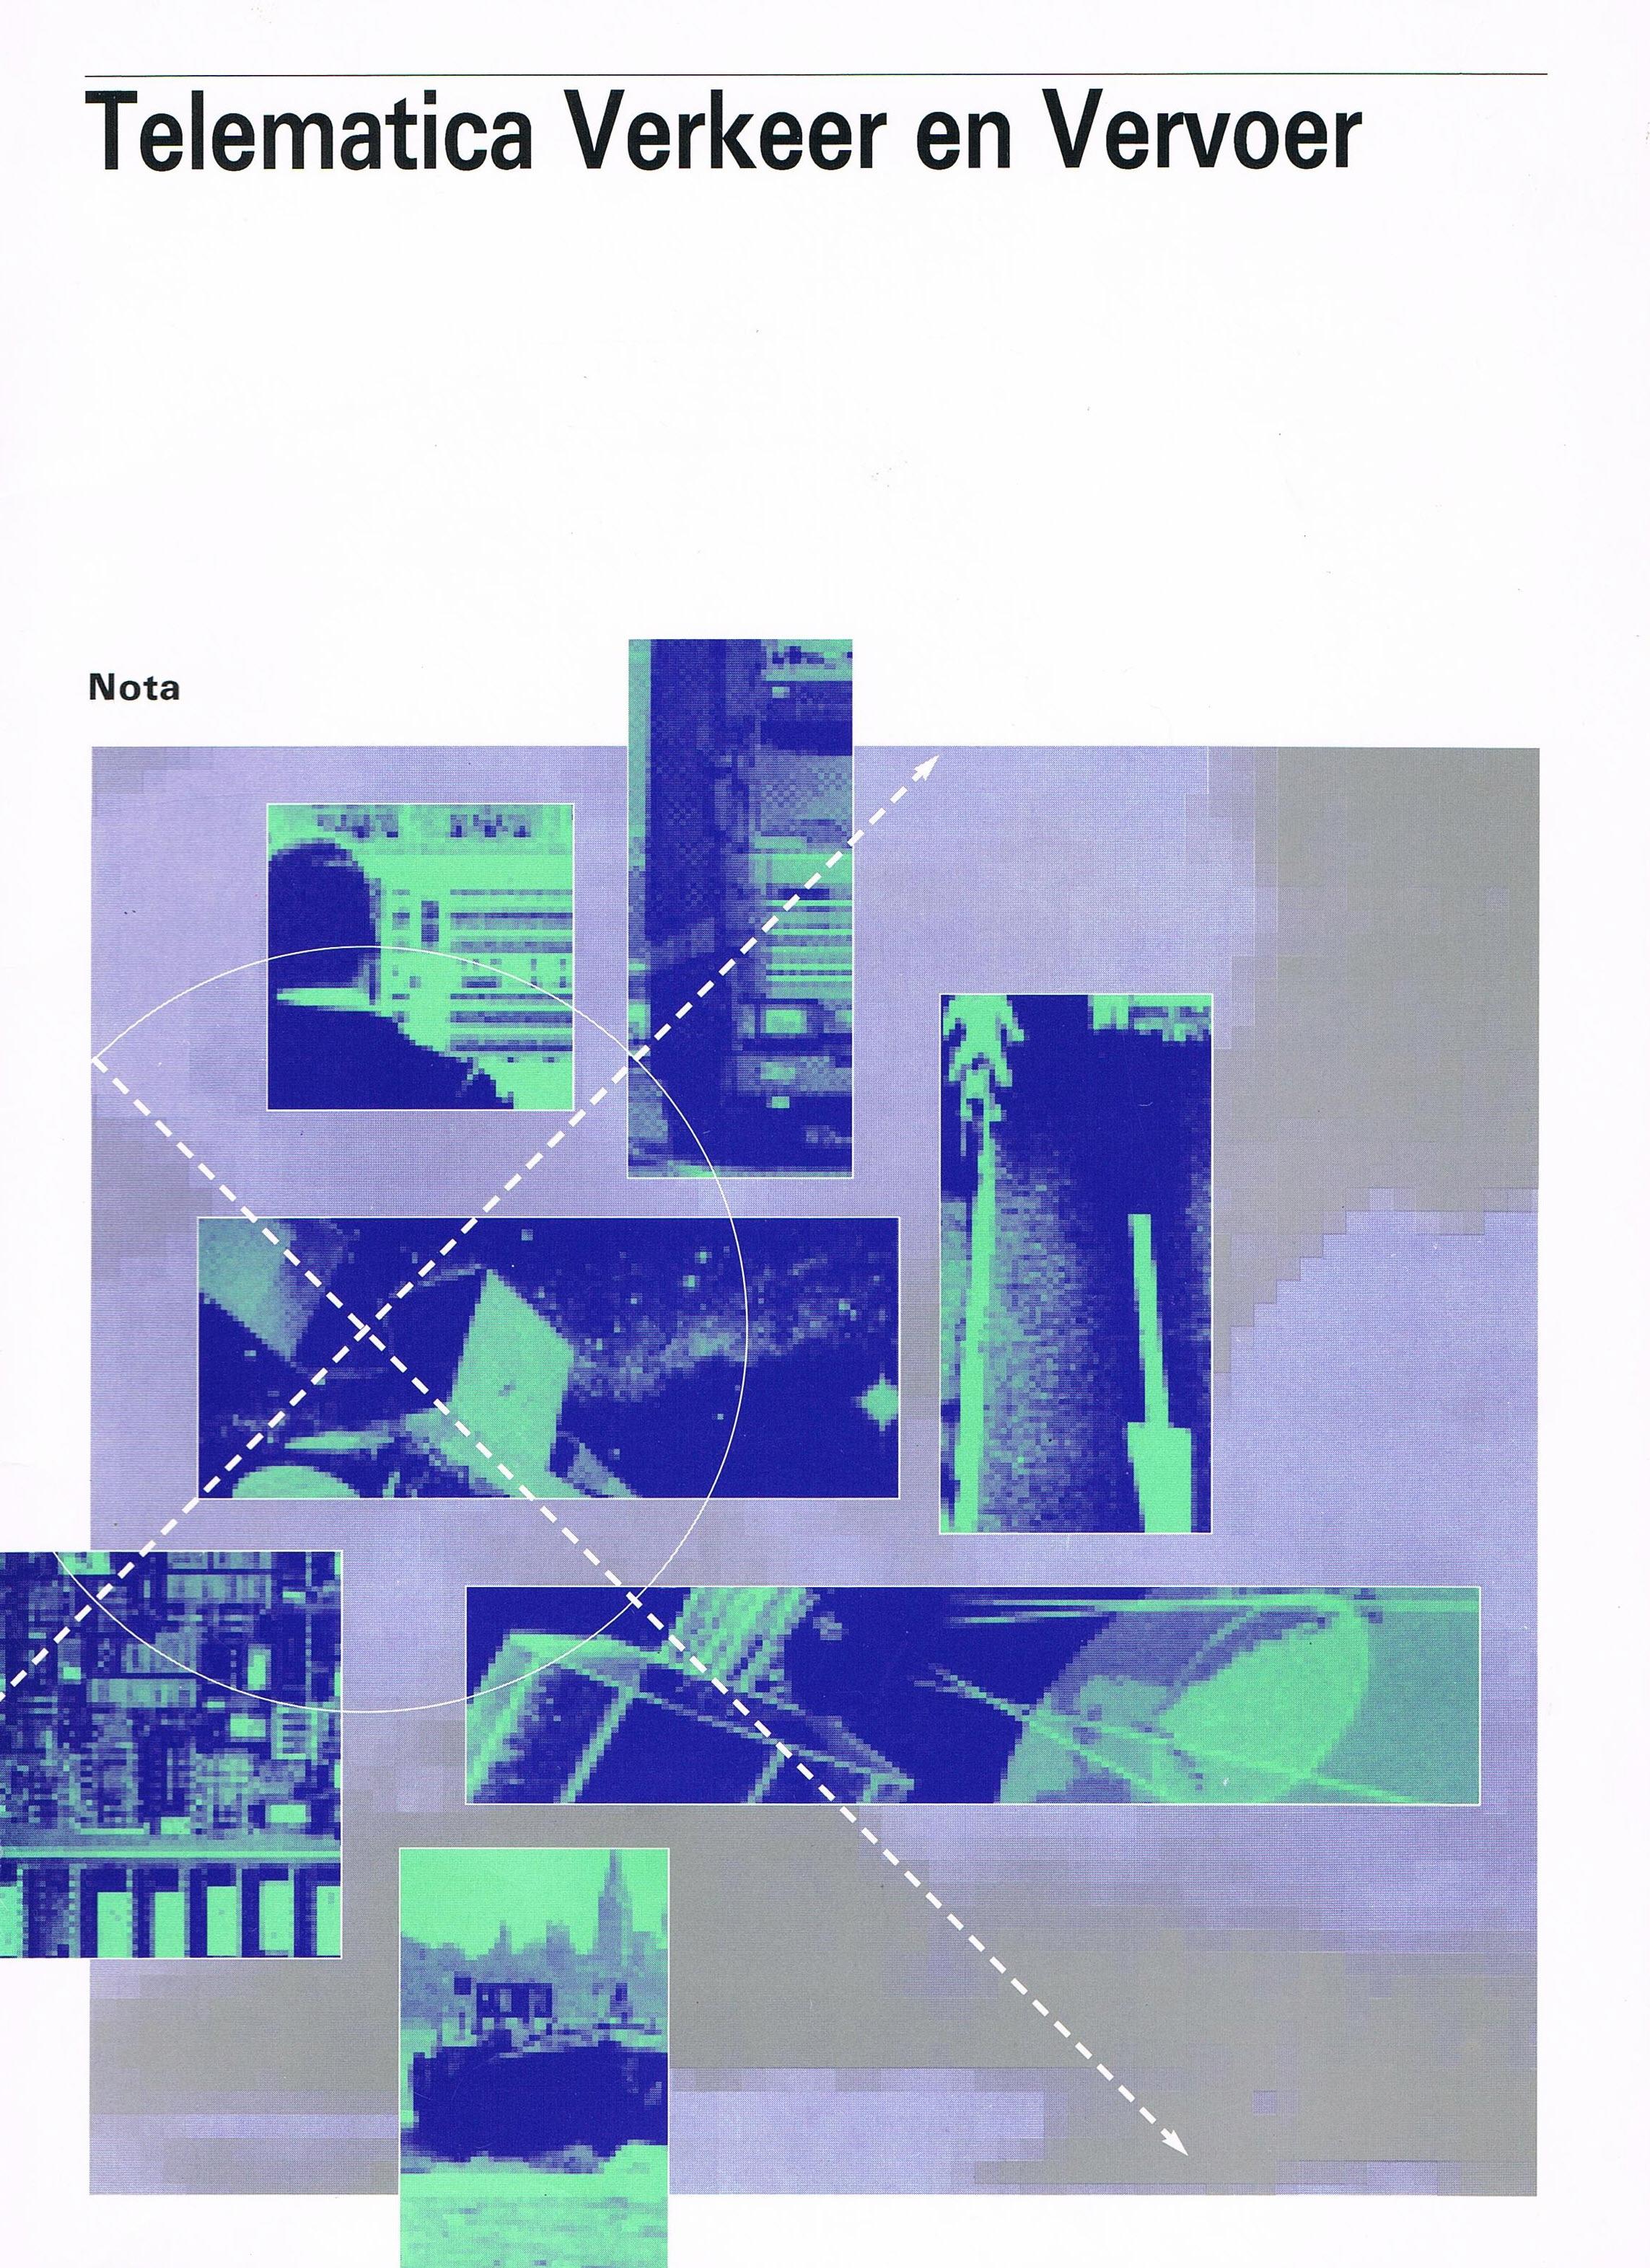 De Nota Telematica Verkeer en Vervoer